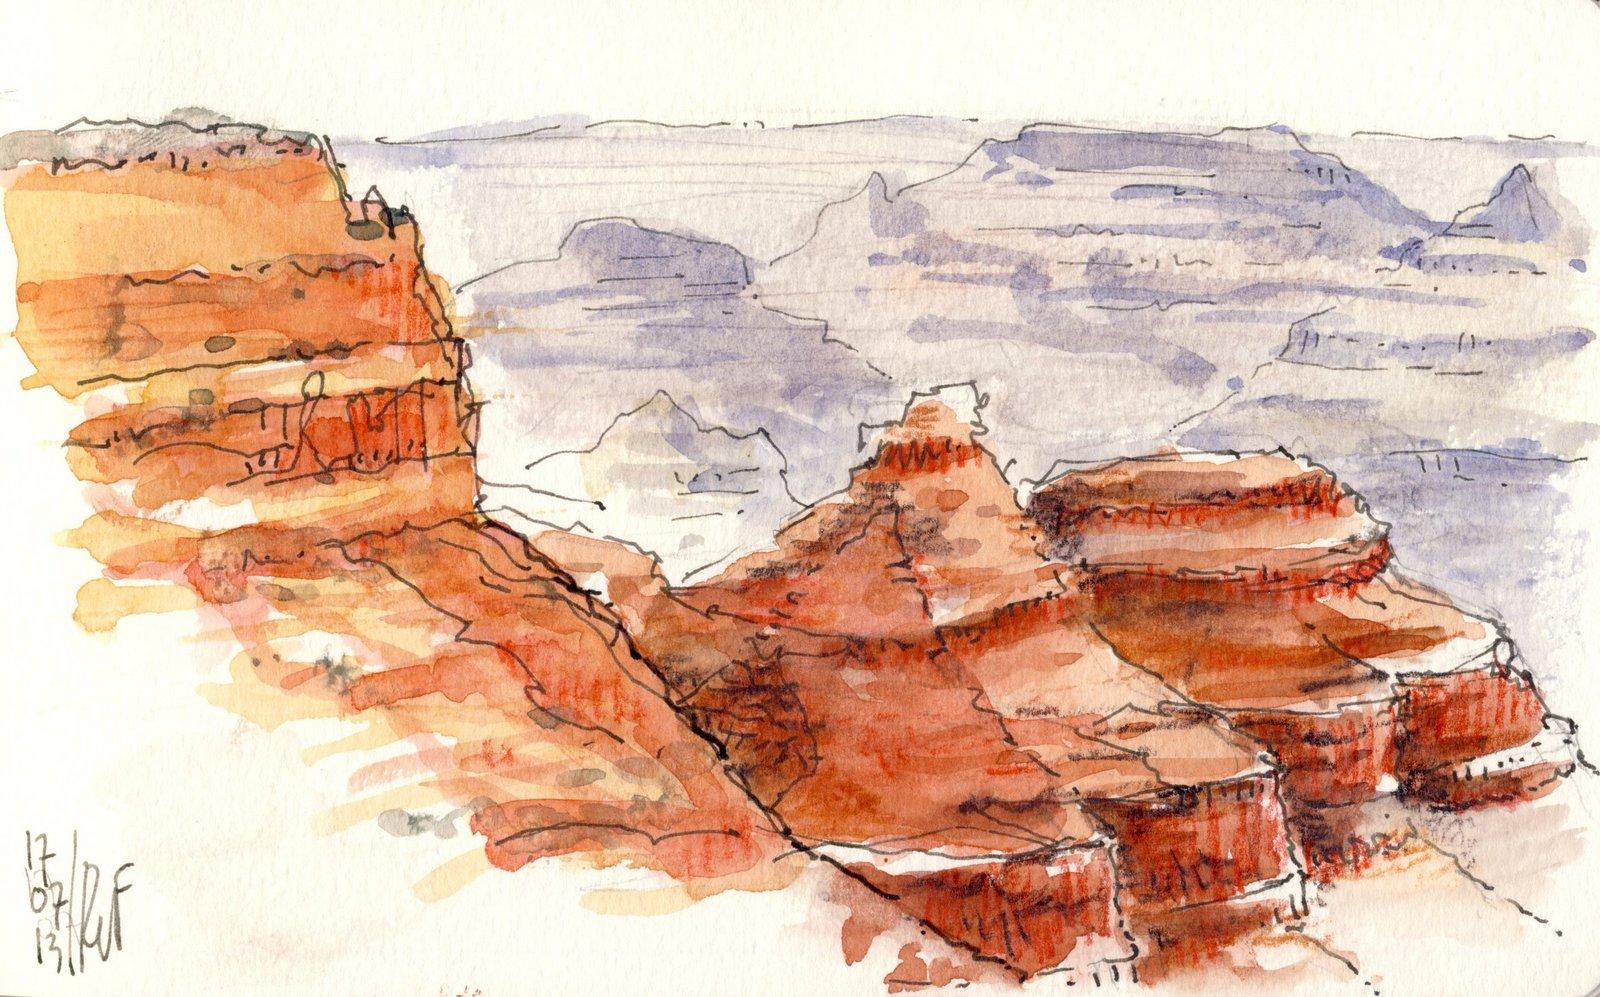 1600x997 Rene Fijten Sketches Grand Canyon !